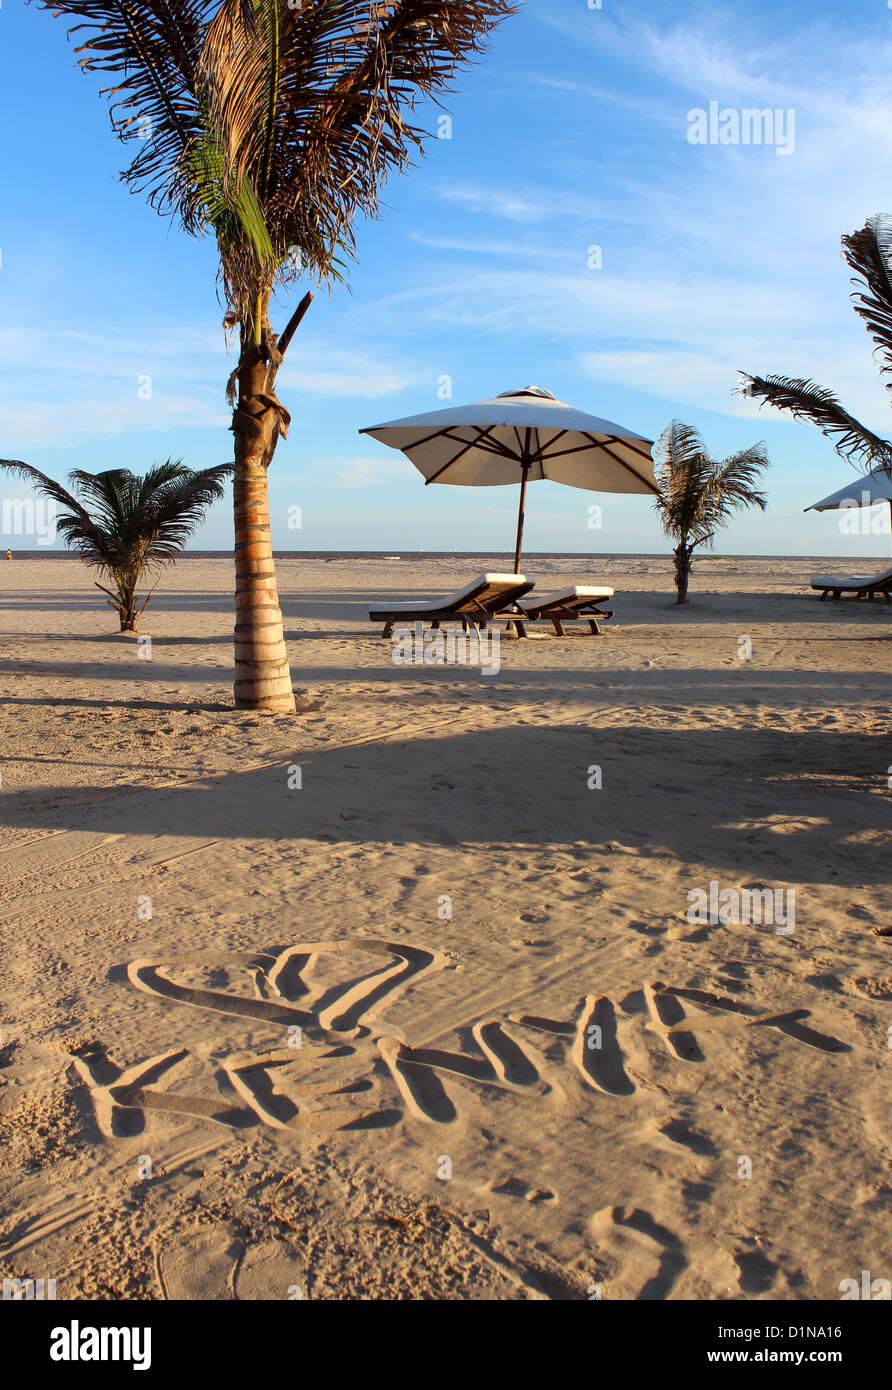 Kenya written in the sand on a beach, Malindi, Kenya, East Africa - Stock Image